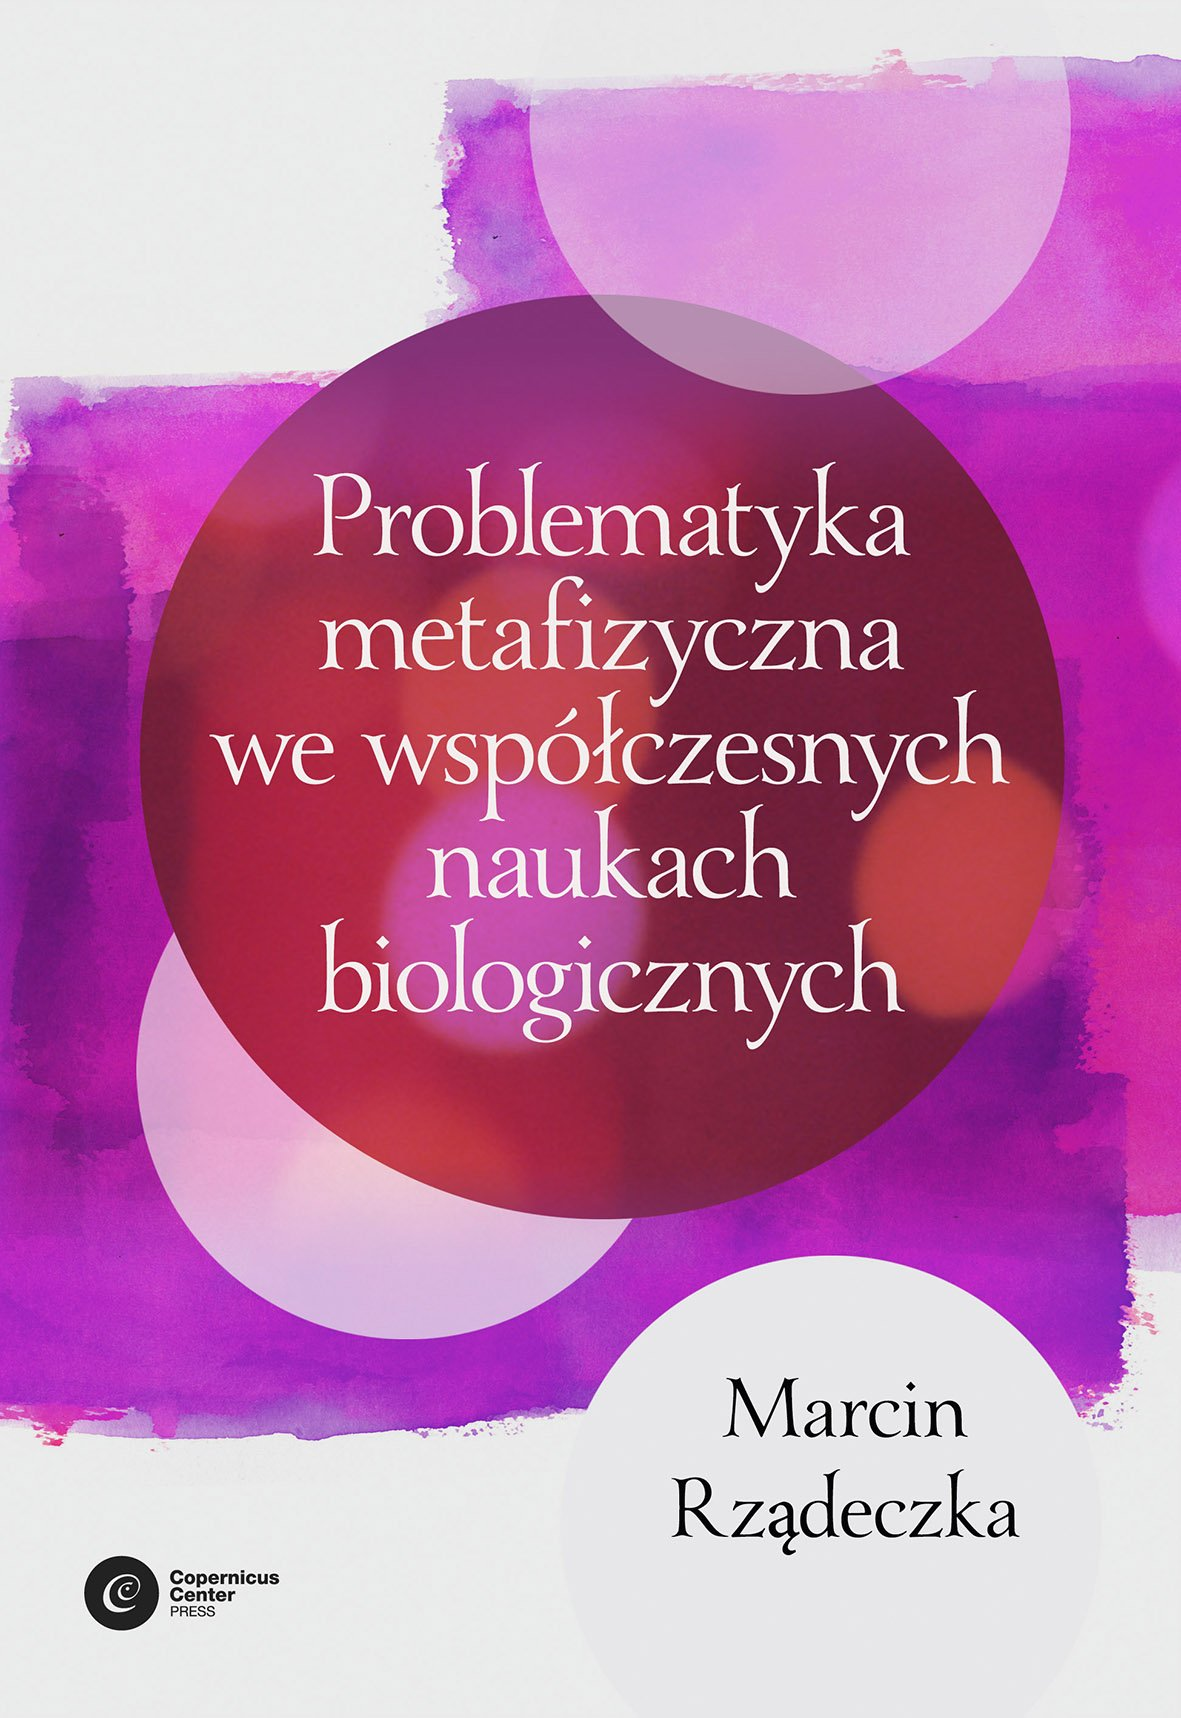 Problematyka metafizyczna we współczesnych naukach biologicznych - Ebook (Książka na Kindle) do pobrania w formacie MOBI